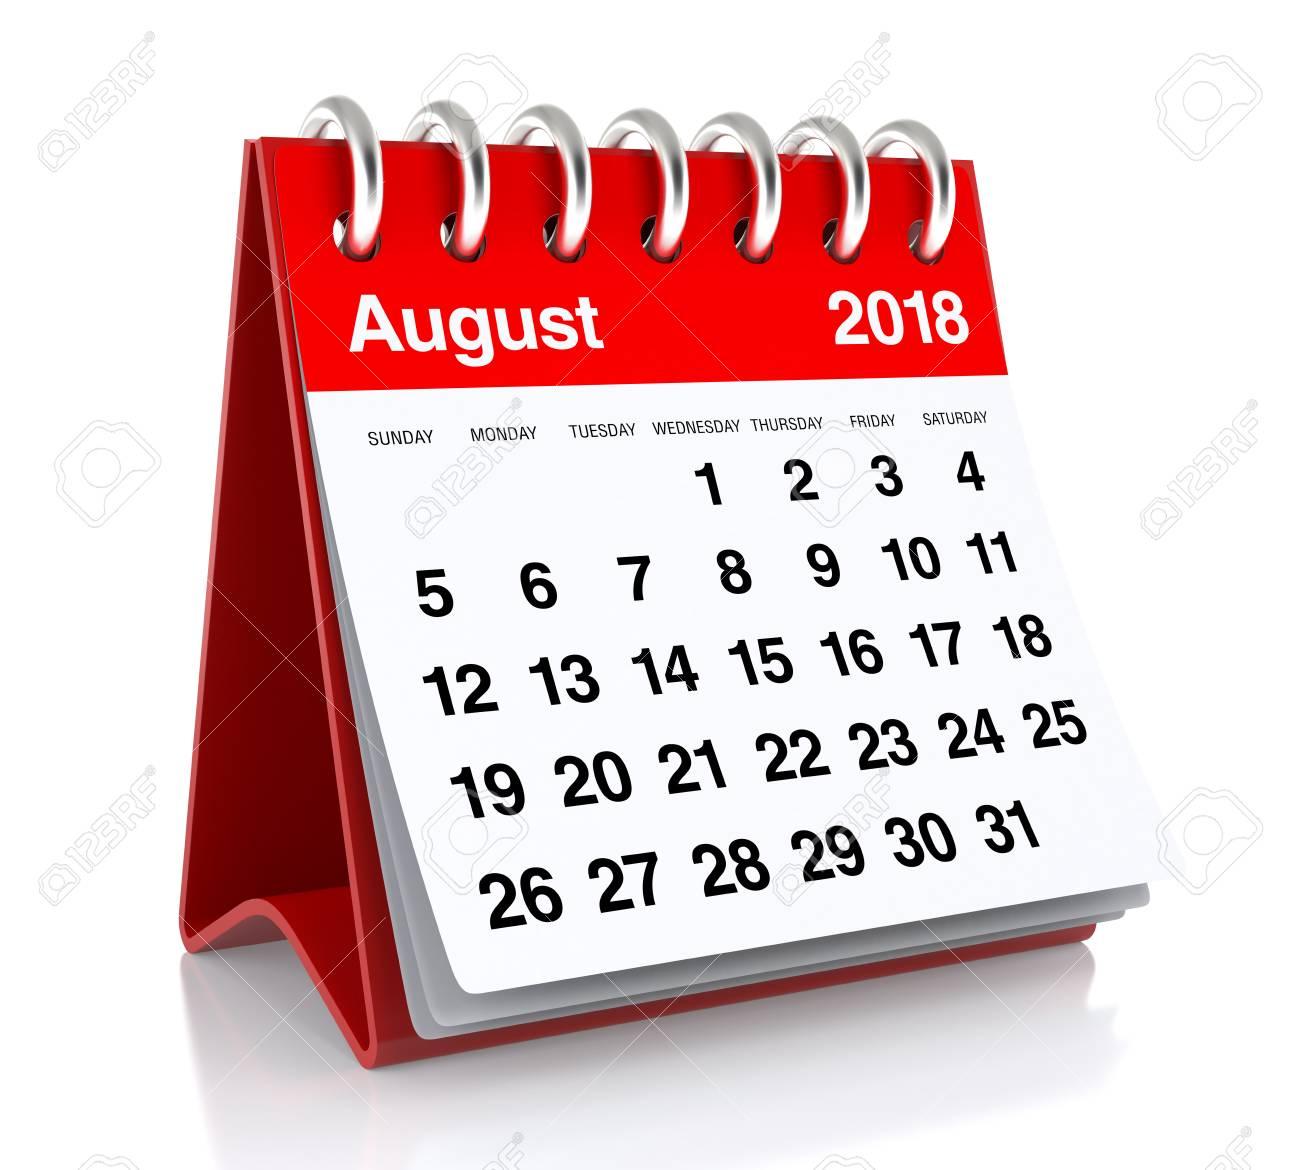 Calendar Clipart August 2018.